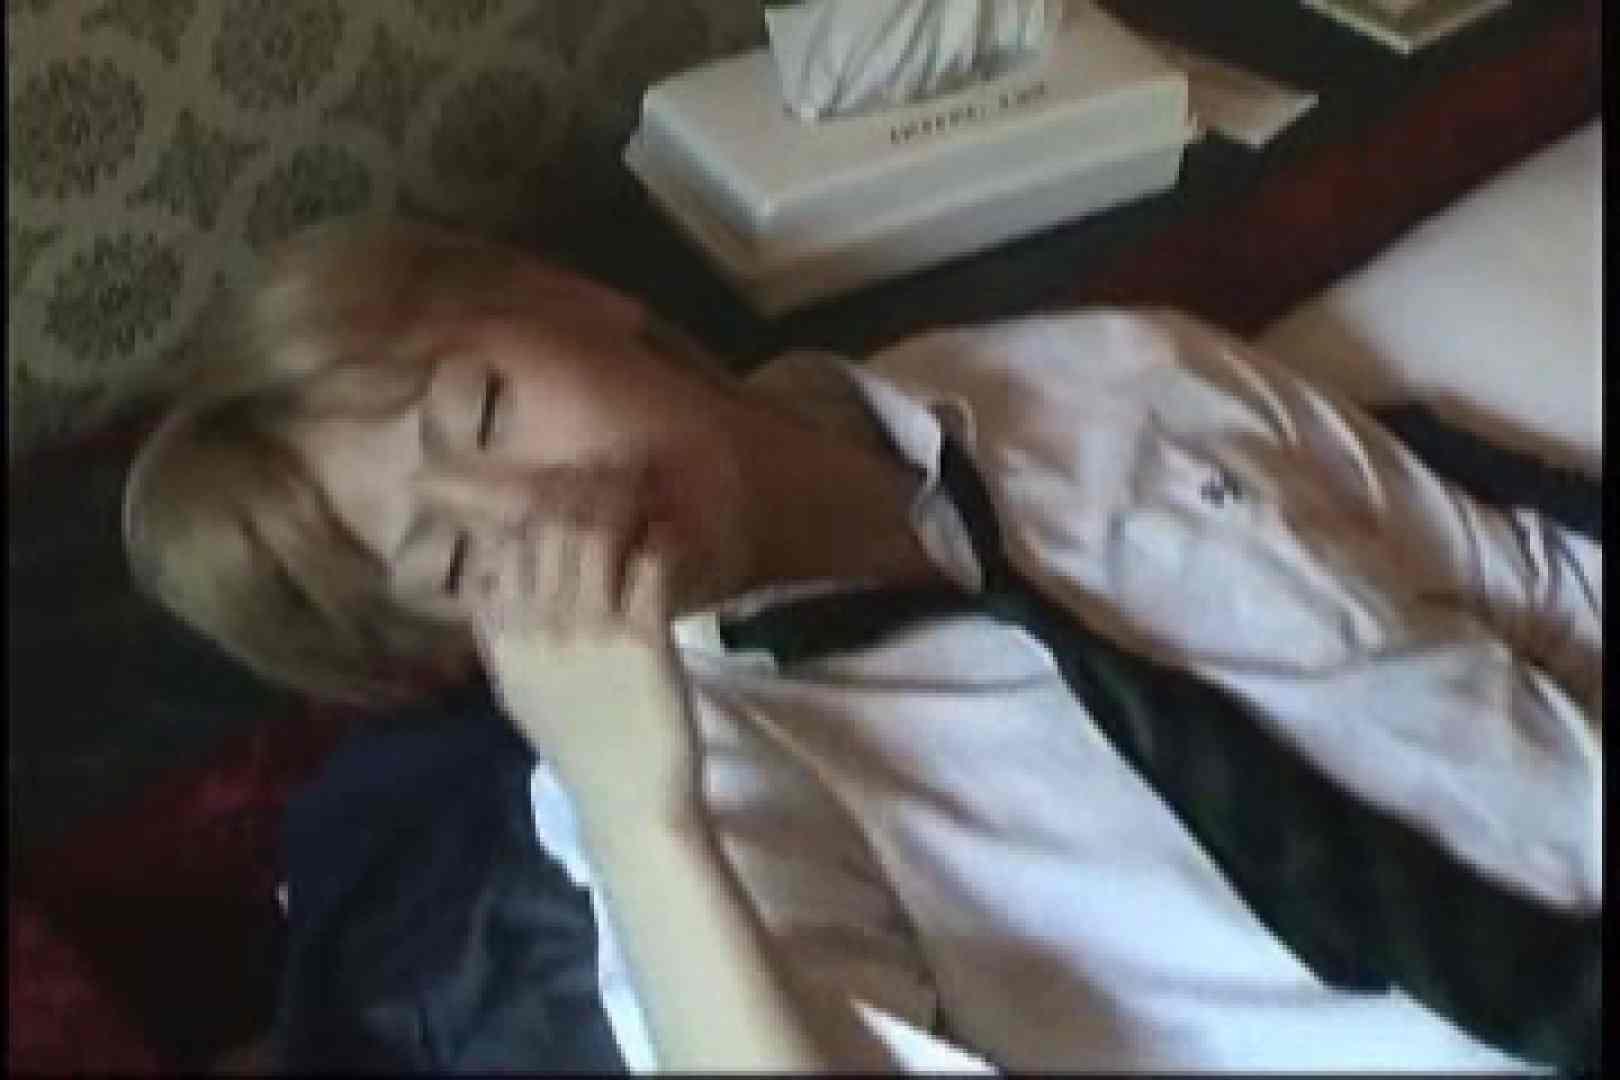 【流出】知られざる僕の秘密…vol.01 オナニー   男まつり アダルトビデオ画像キャプチャ 97枚 90